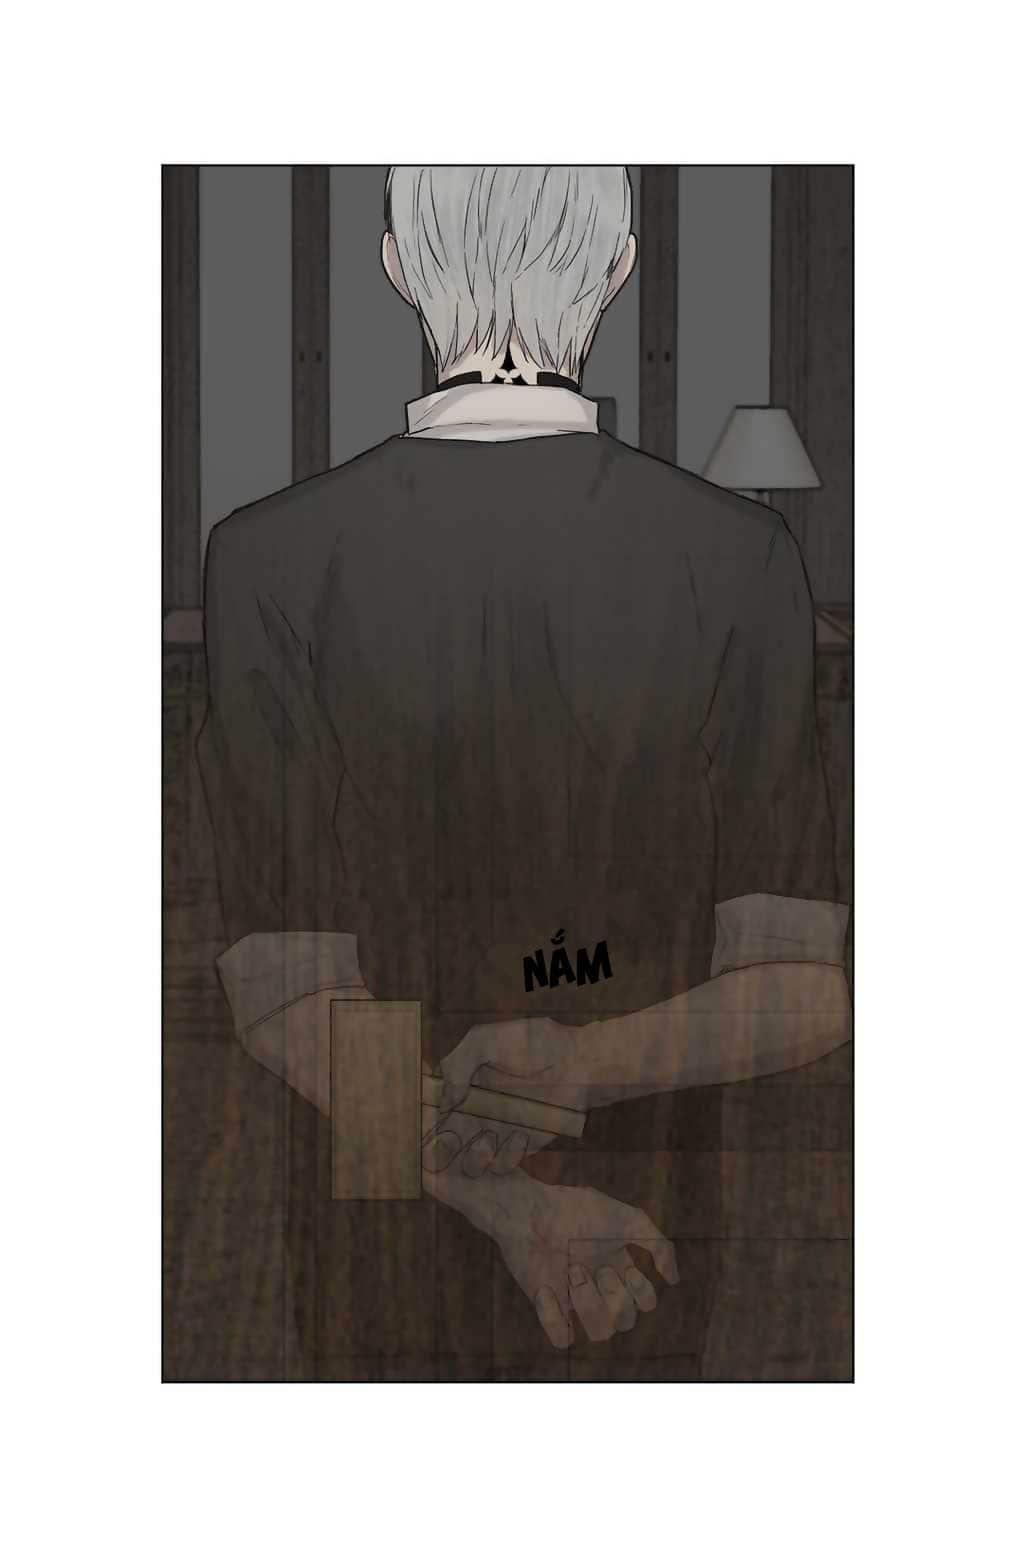 Trang 33 - Người hầu hoàng gia - Royal Servant - Chương 007 () - Truyện tranh Gay - Server HostedOnGoogleServerStaging